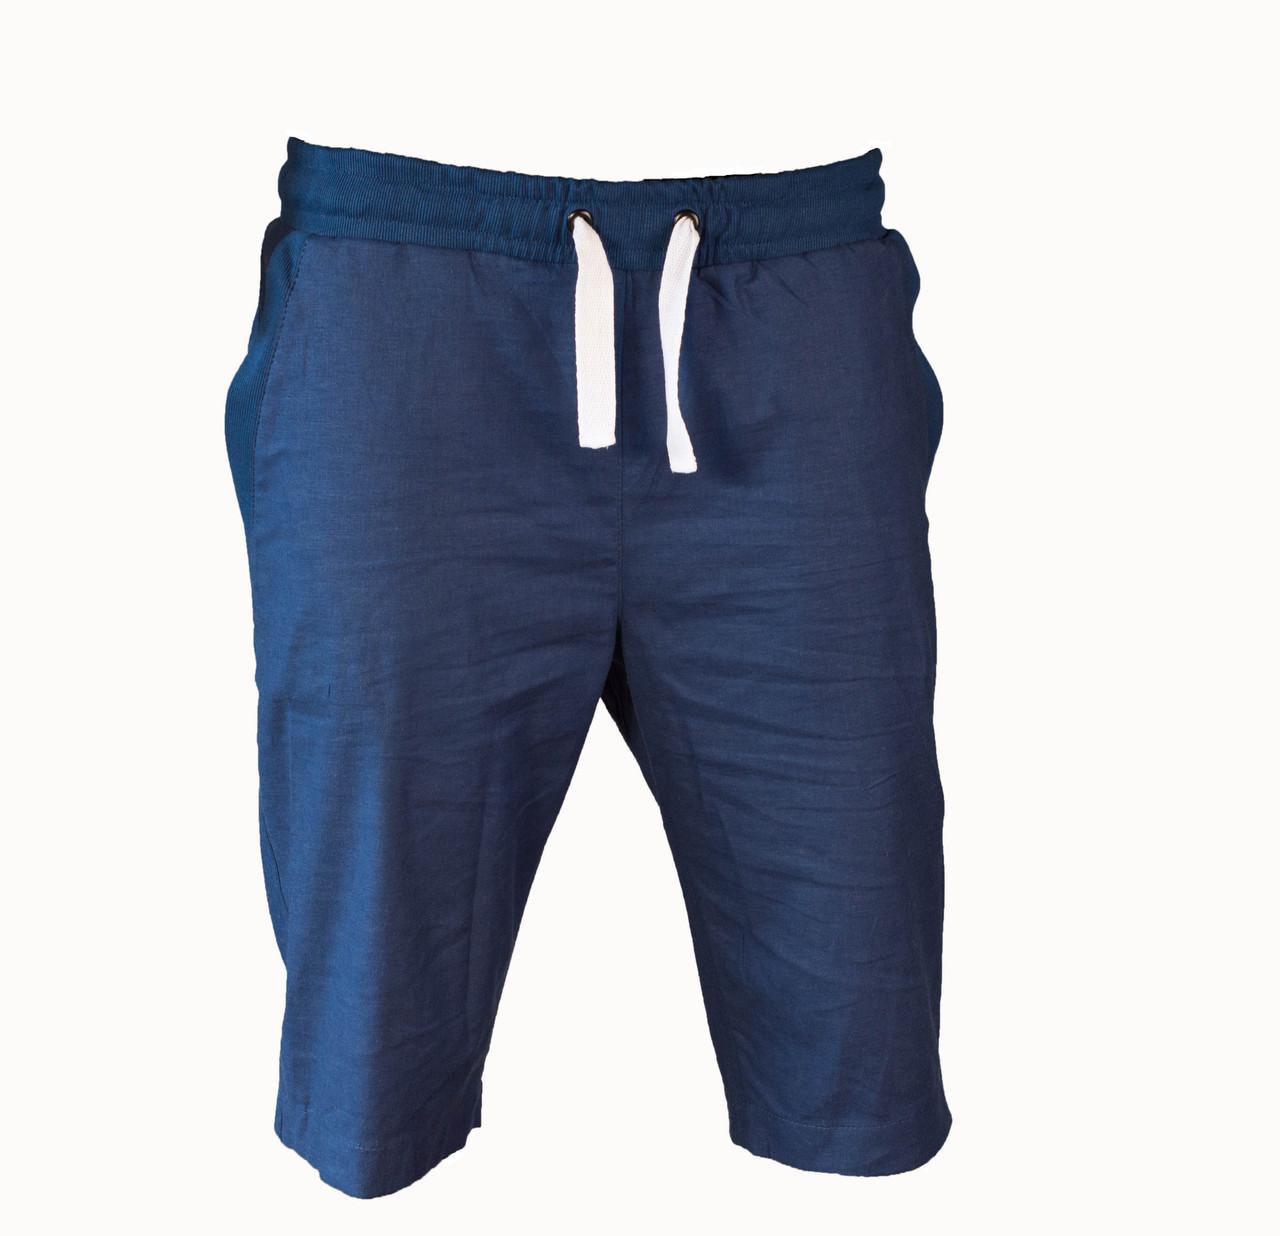 Мужские  молодёжные шорты лён